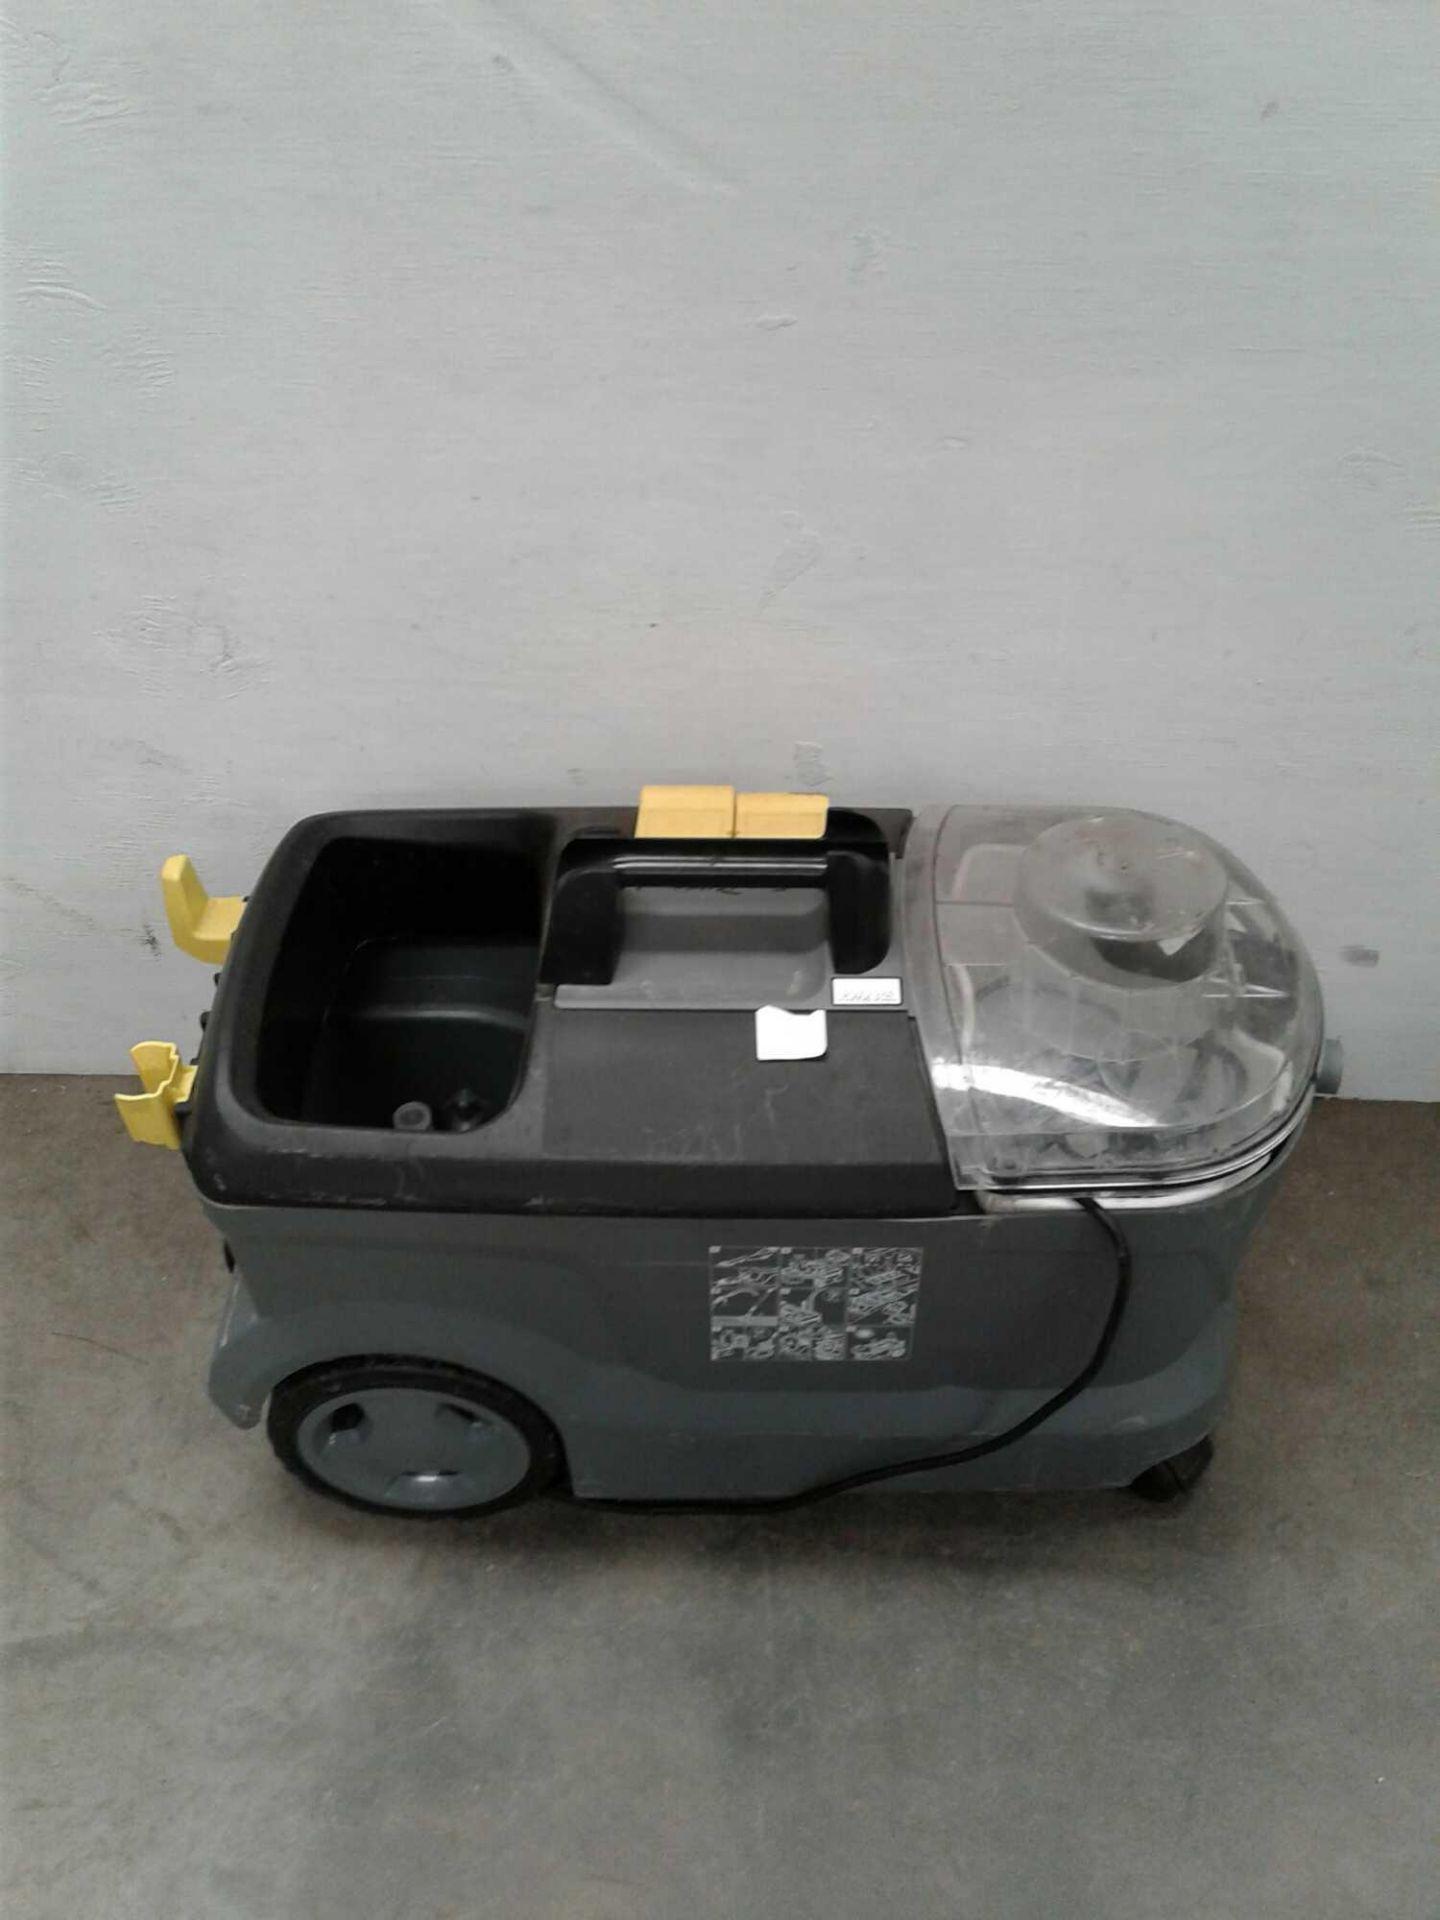 Lot 59 - Karcher carpet cleaner 230 V